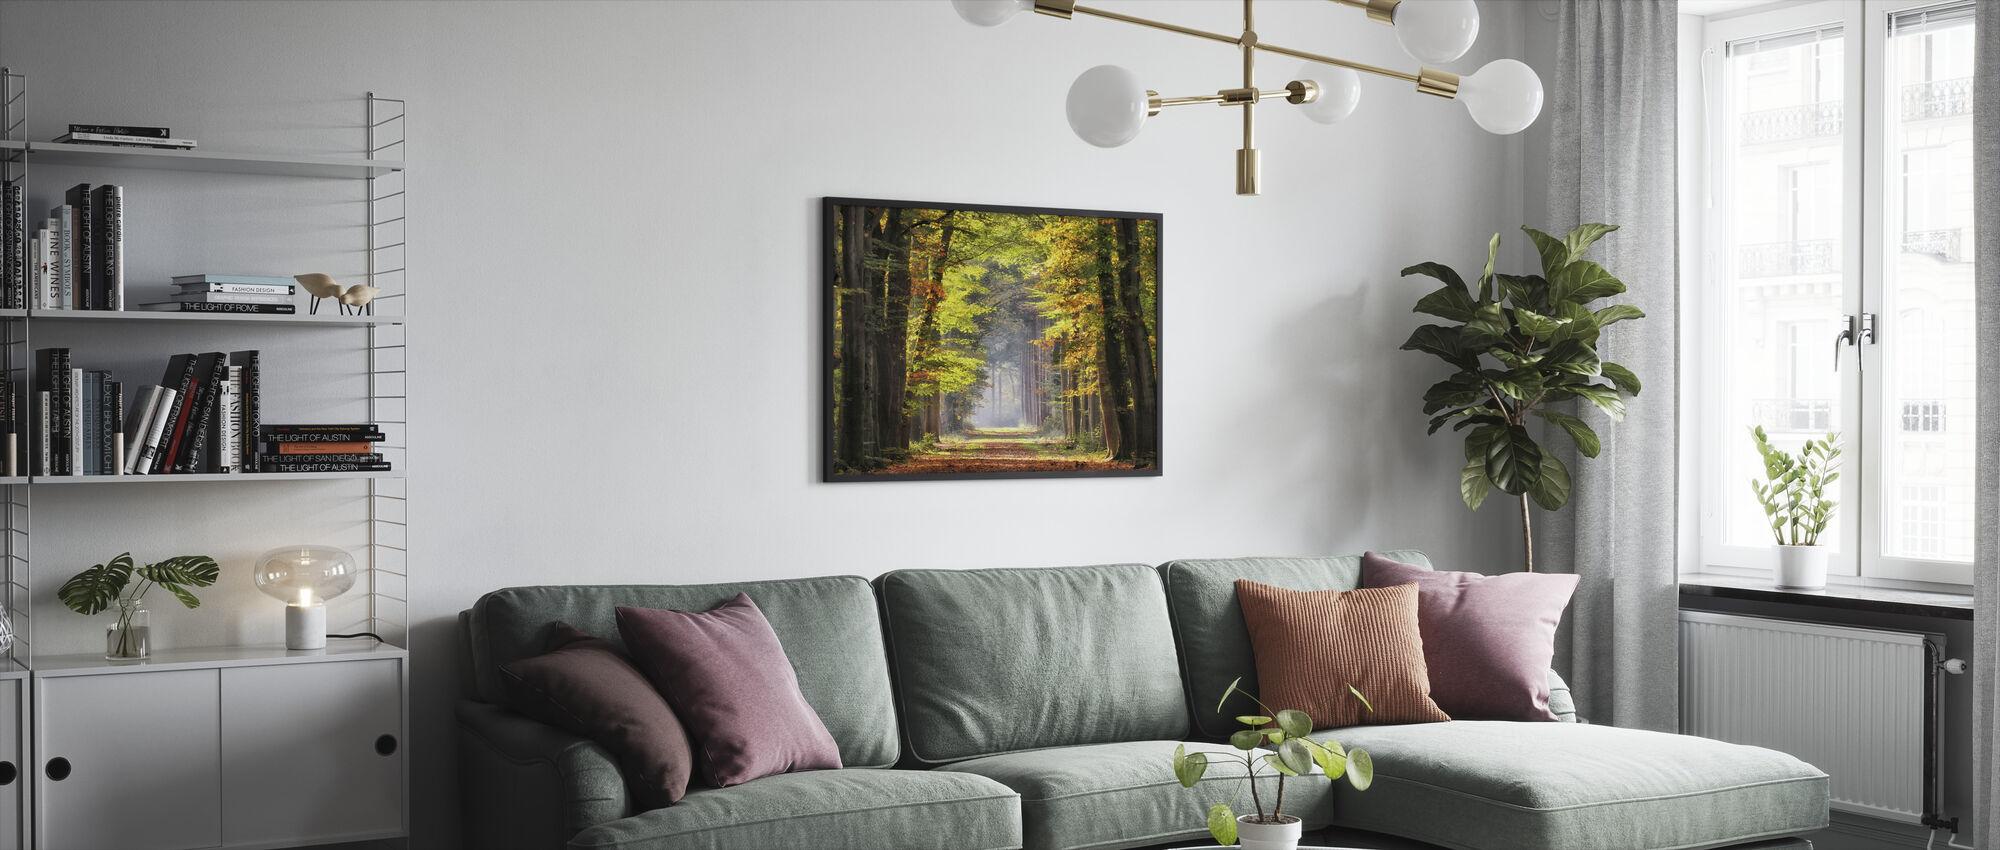 Avenue of Beech Trees - Framed print - Living Room